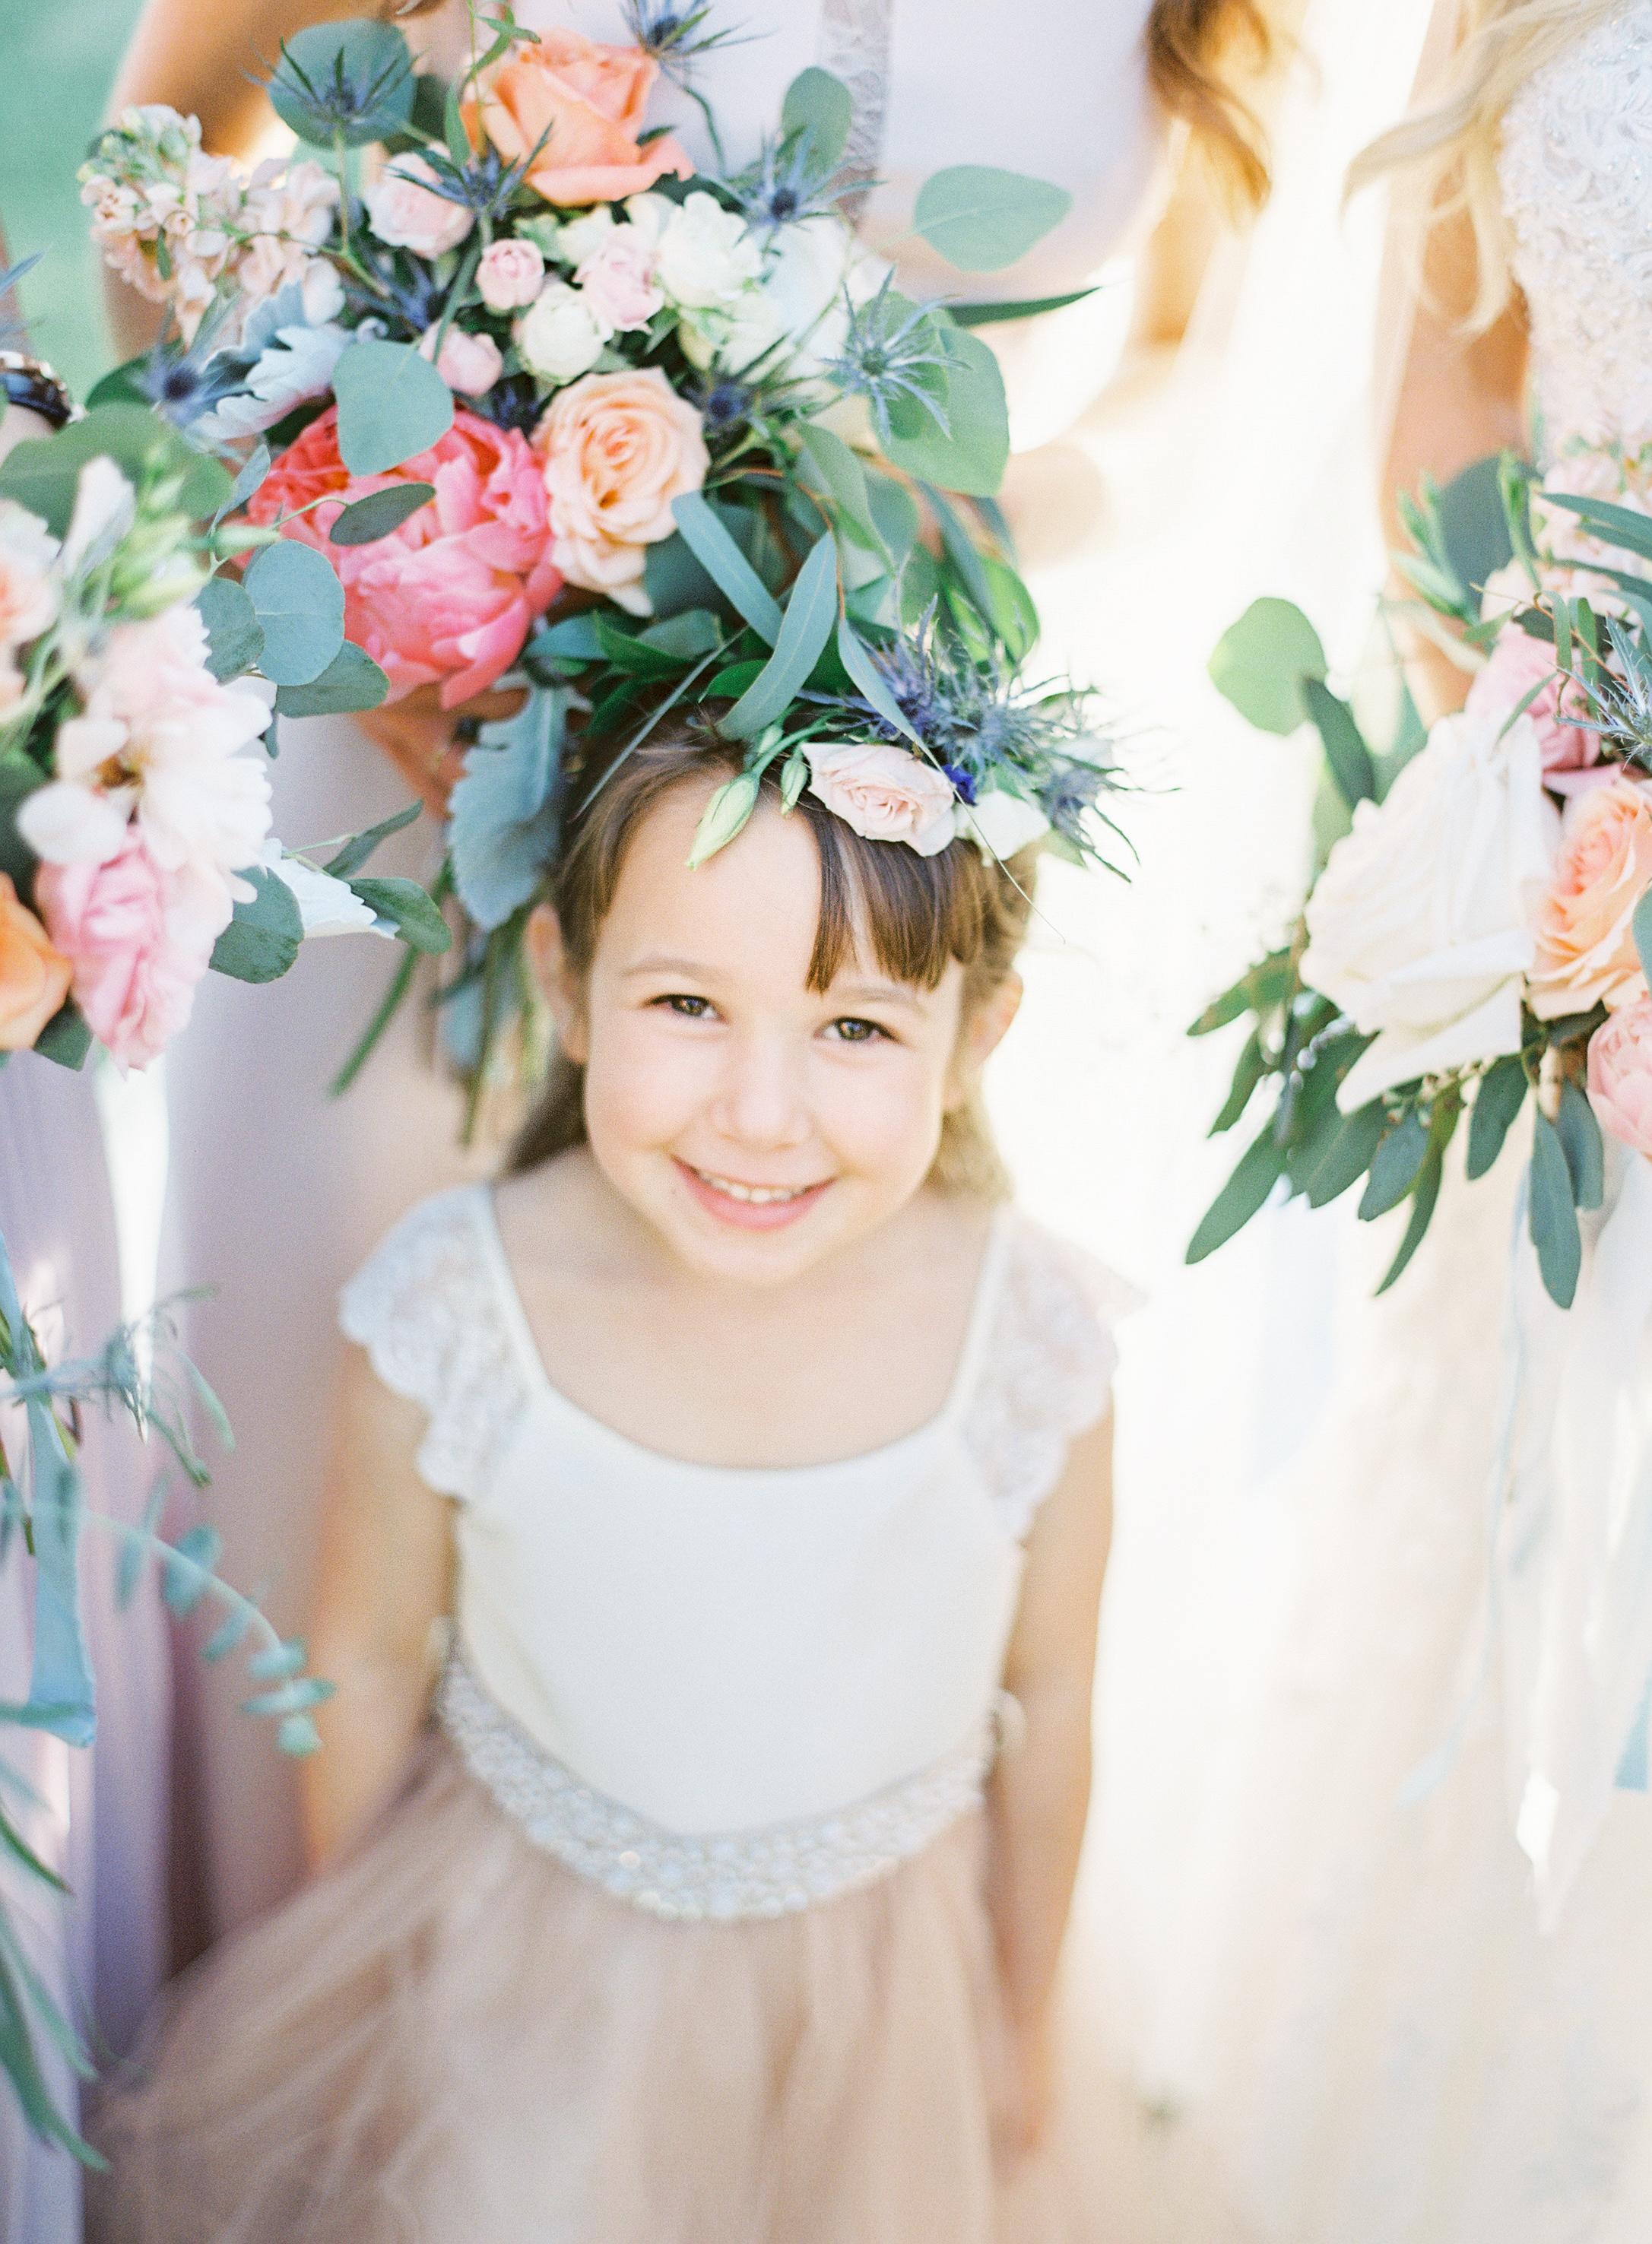 Peony springtime wedding flowers